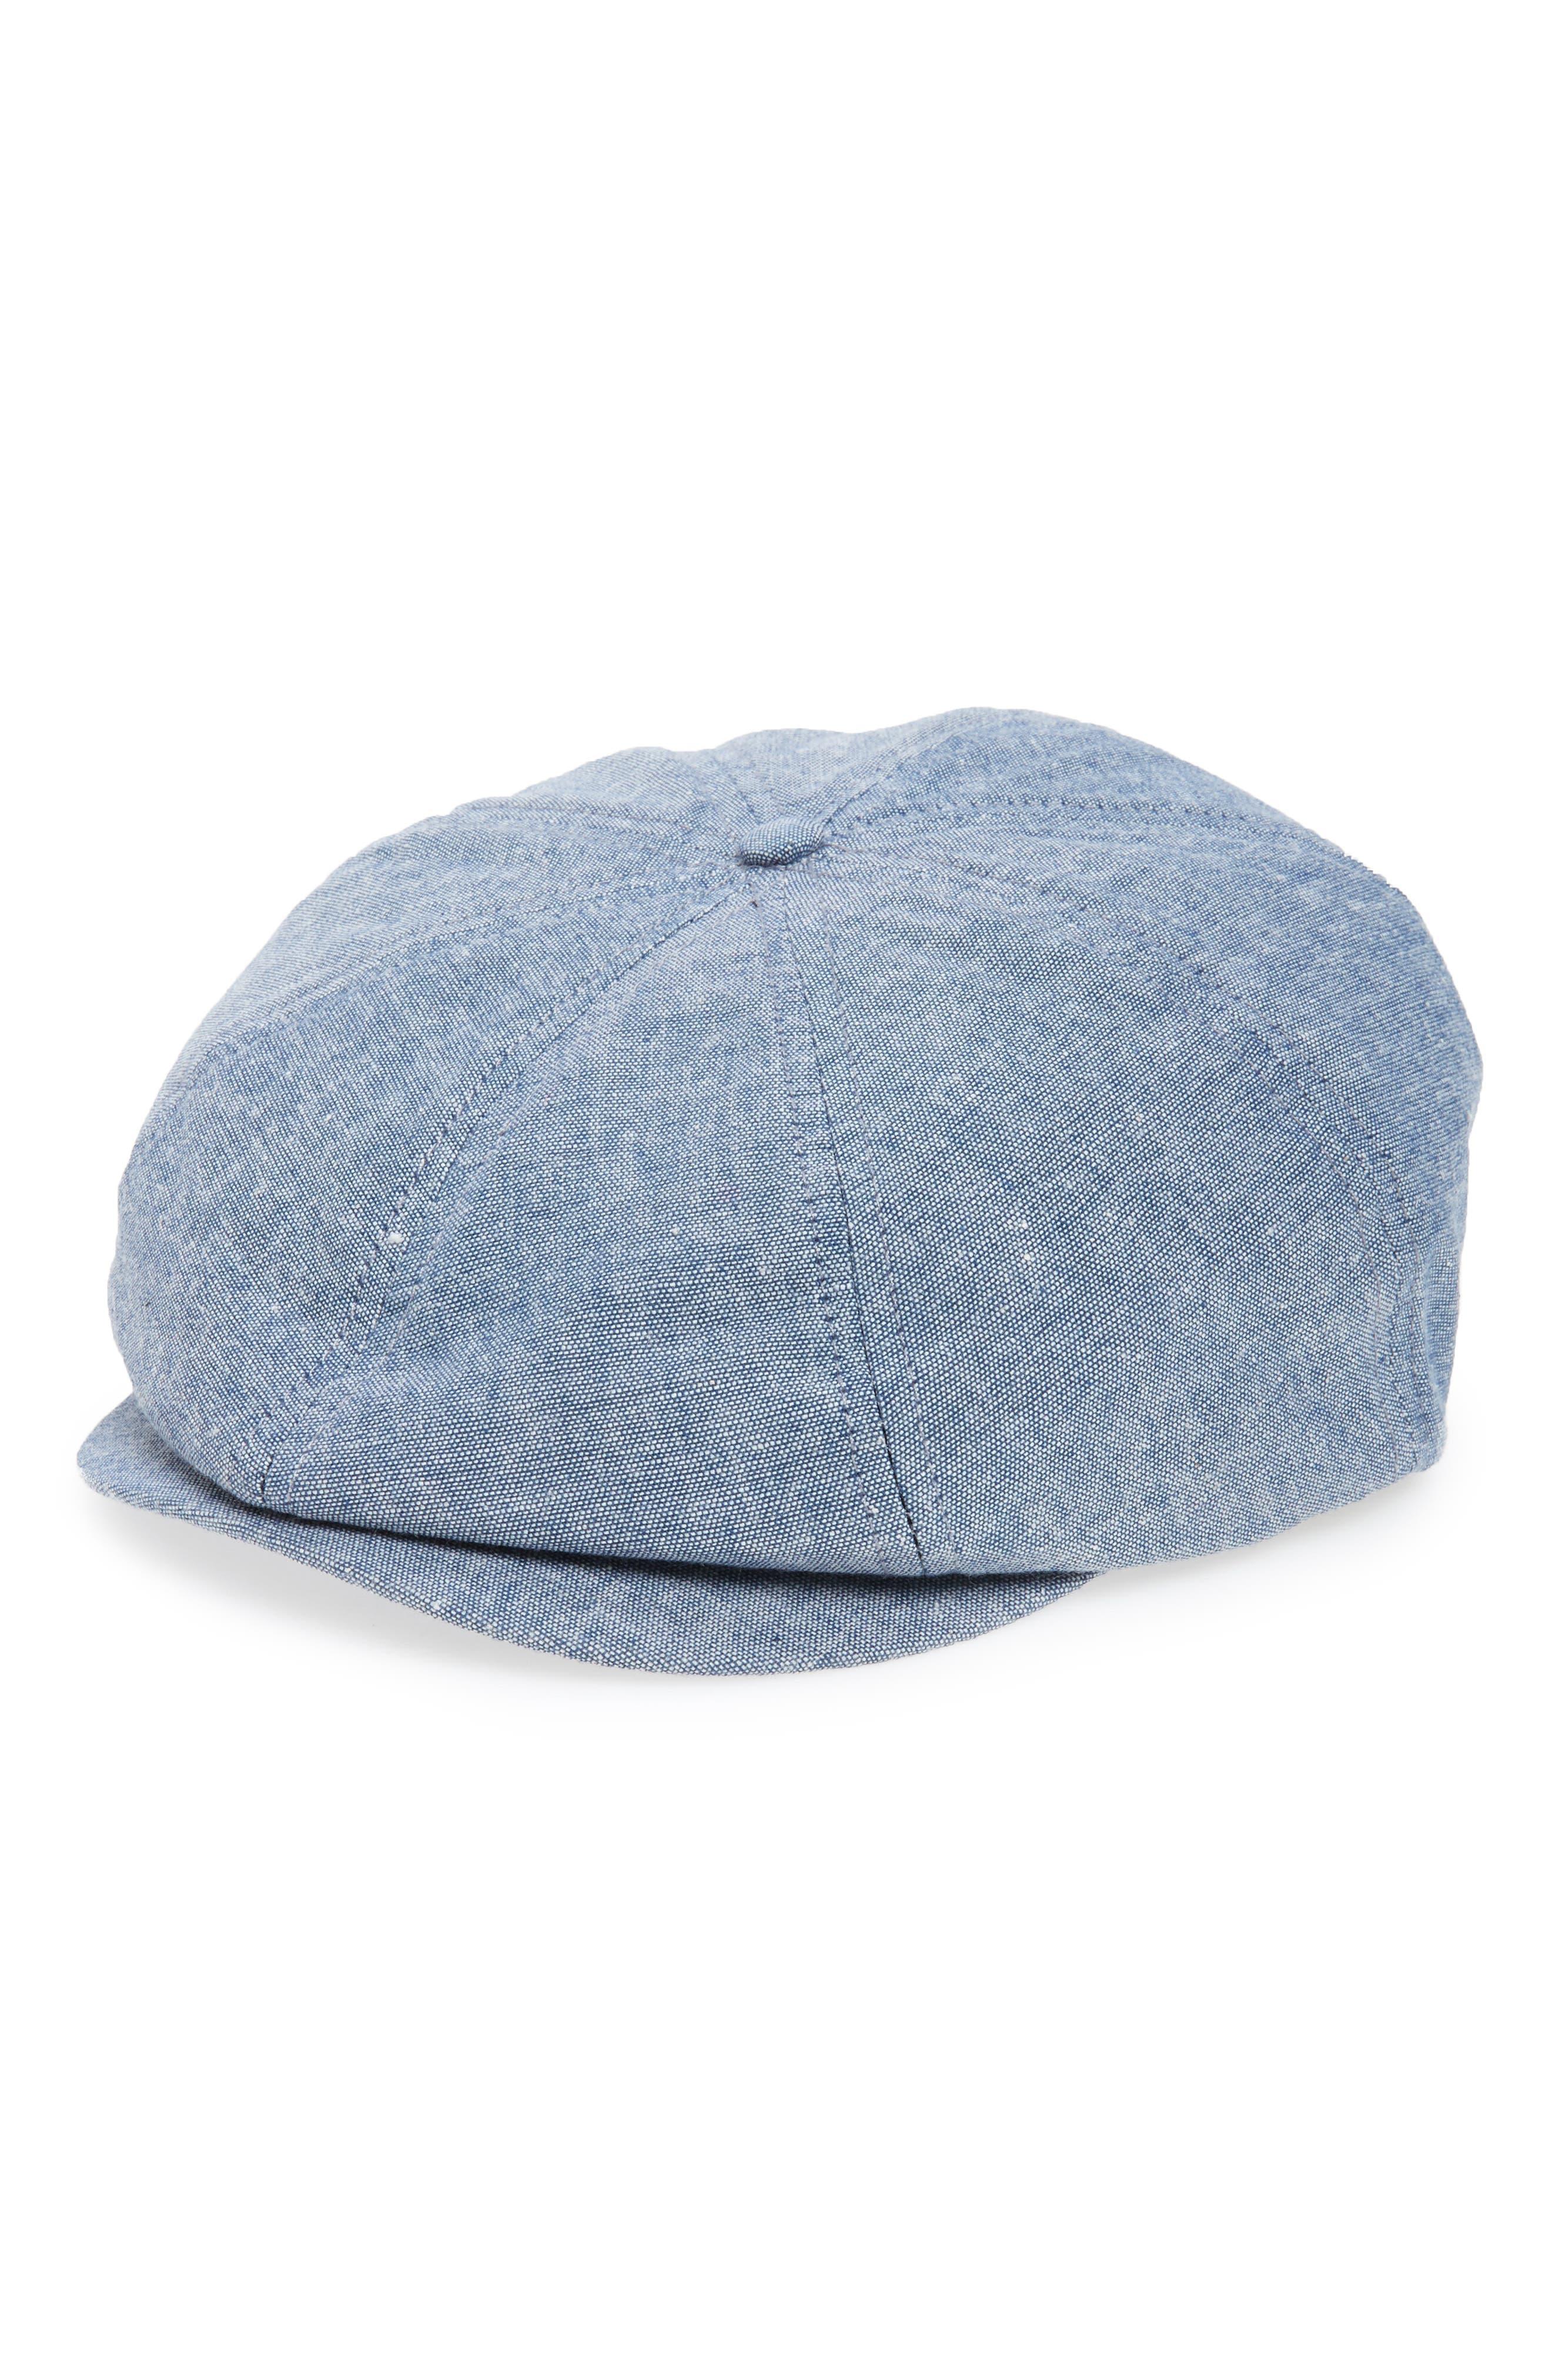 Brood 8 Driving Cap,                         Main,                         color, Lt Blue